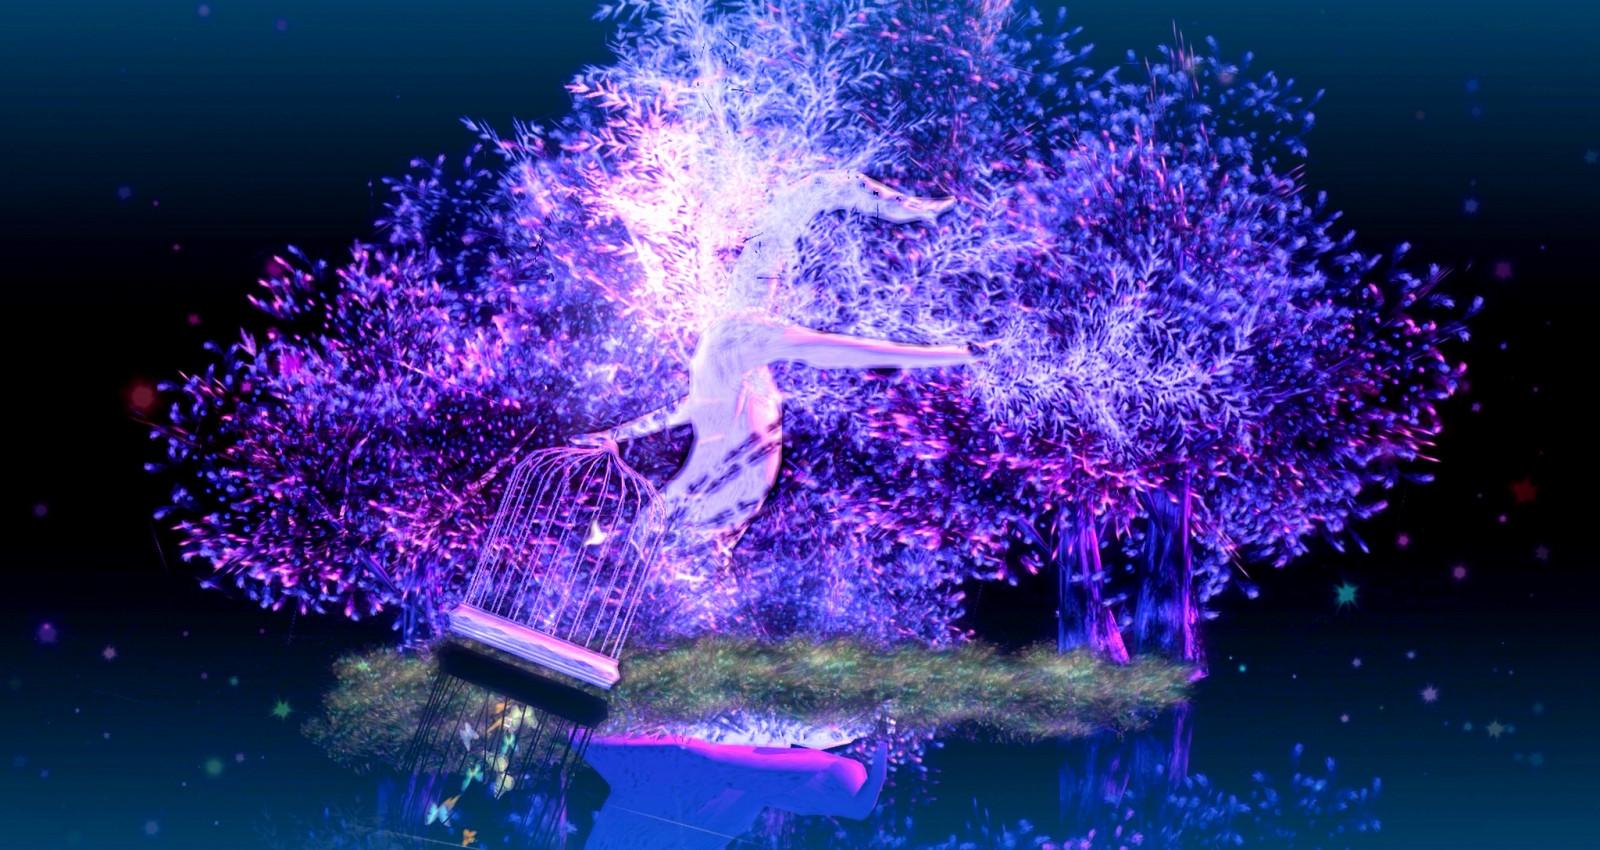 3d Weihnachtsbeleuchtung.Hintergrundbilder Bäume Photoshop Vögel Nacht Wasser 3d